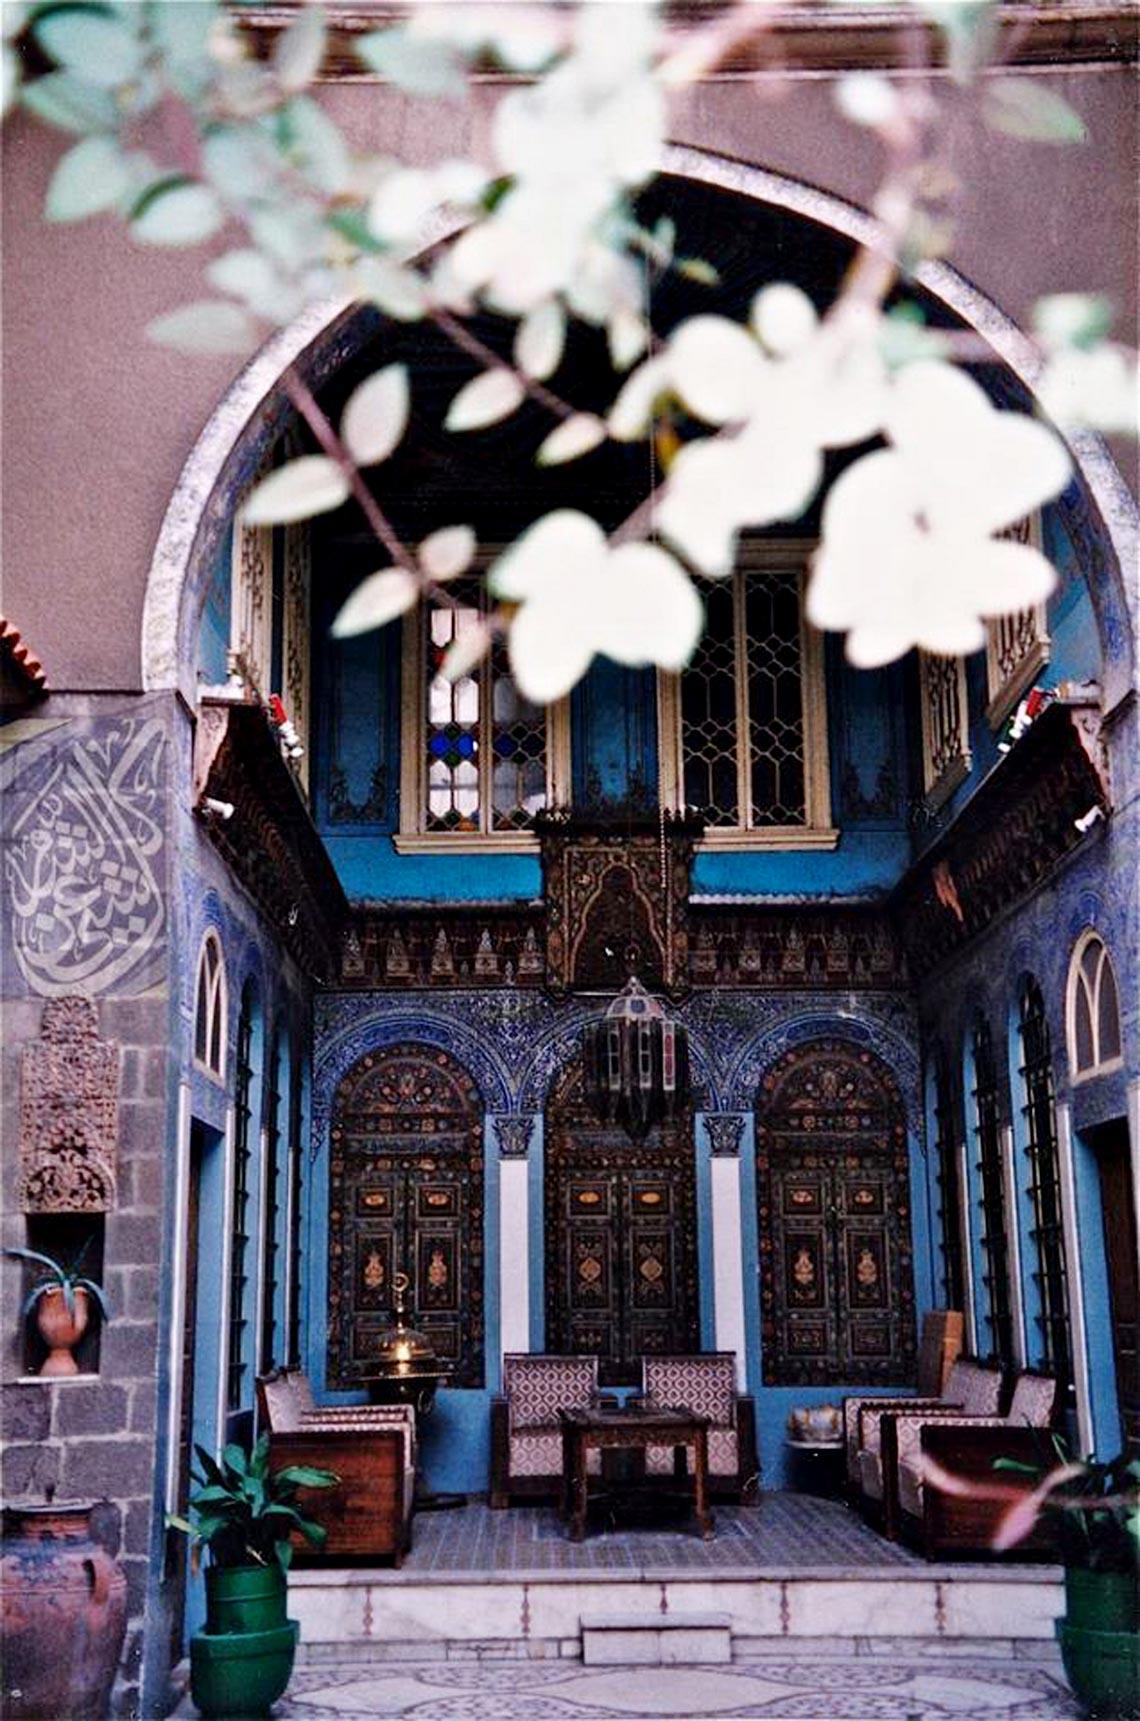 Nhà cổ truyền Syria, mát rượi và bình yên -11